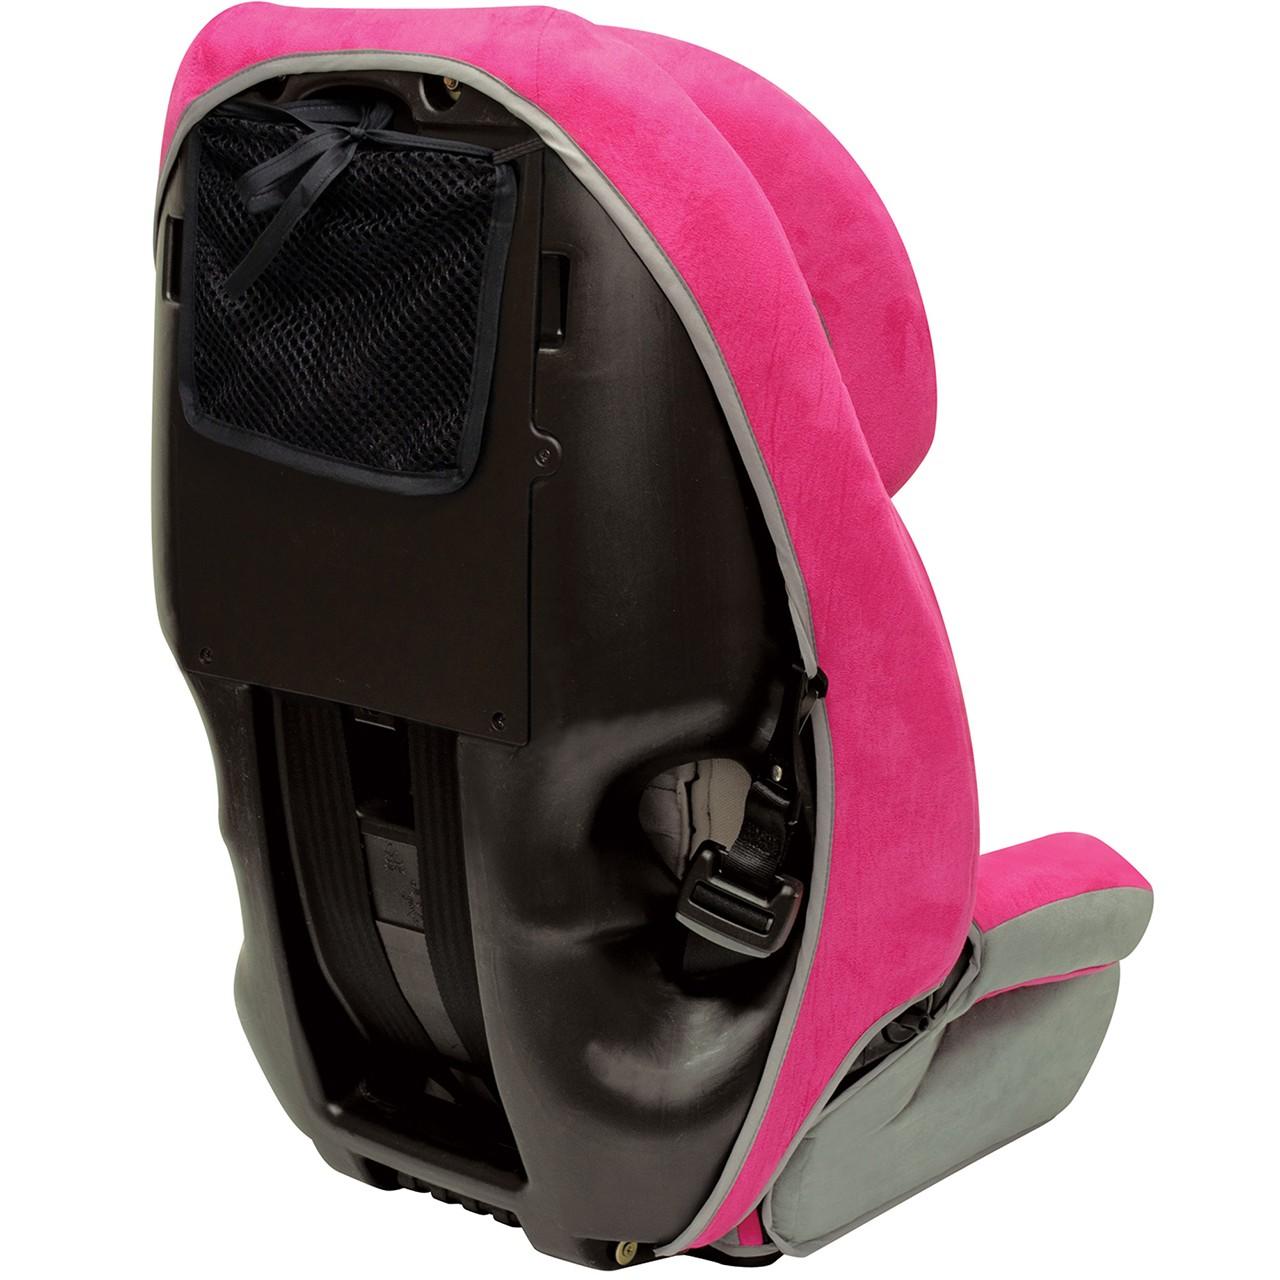 Defender 360° - Asiento de seguridad infantil elite 3-en-1 - Frambuesa